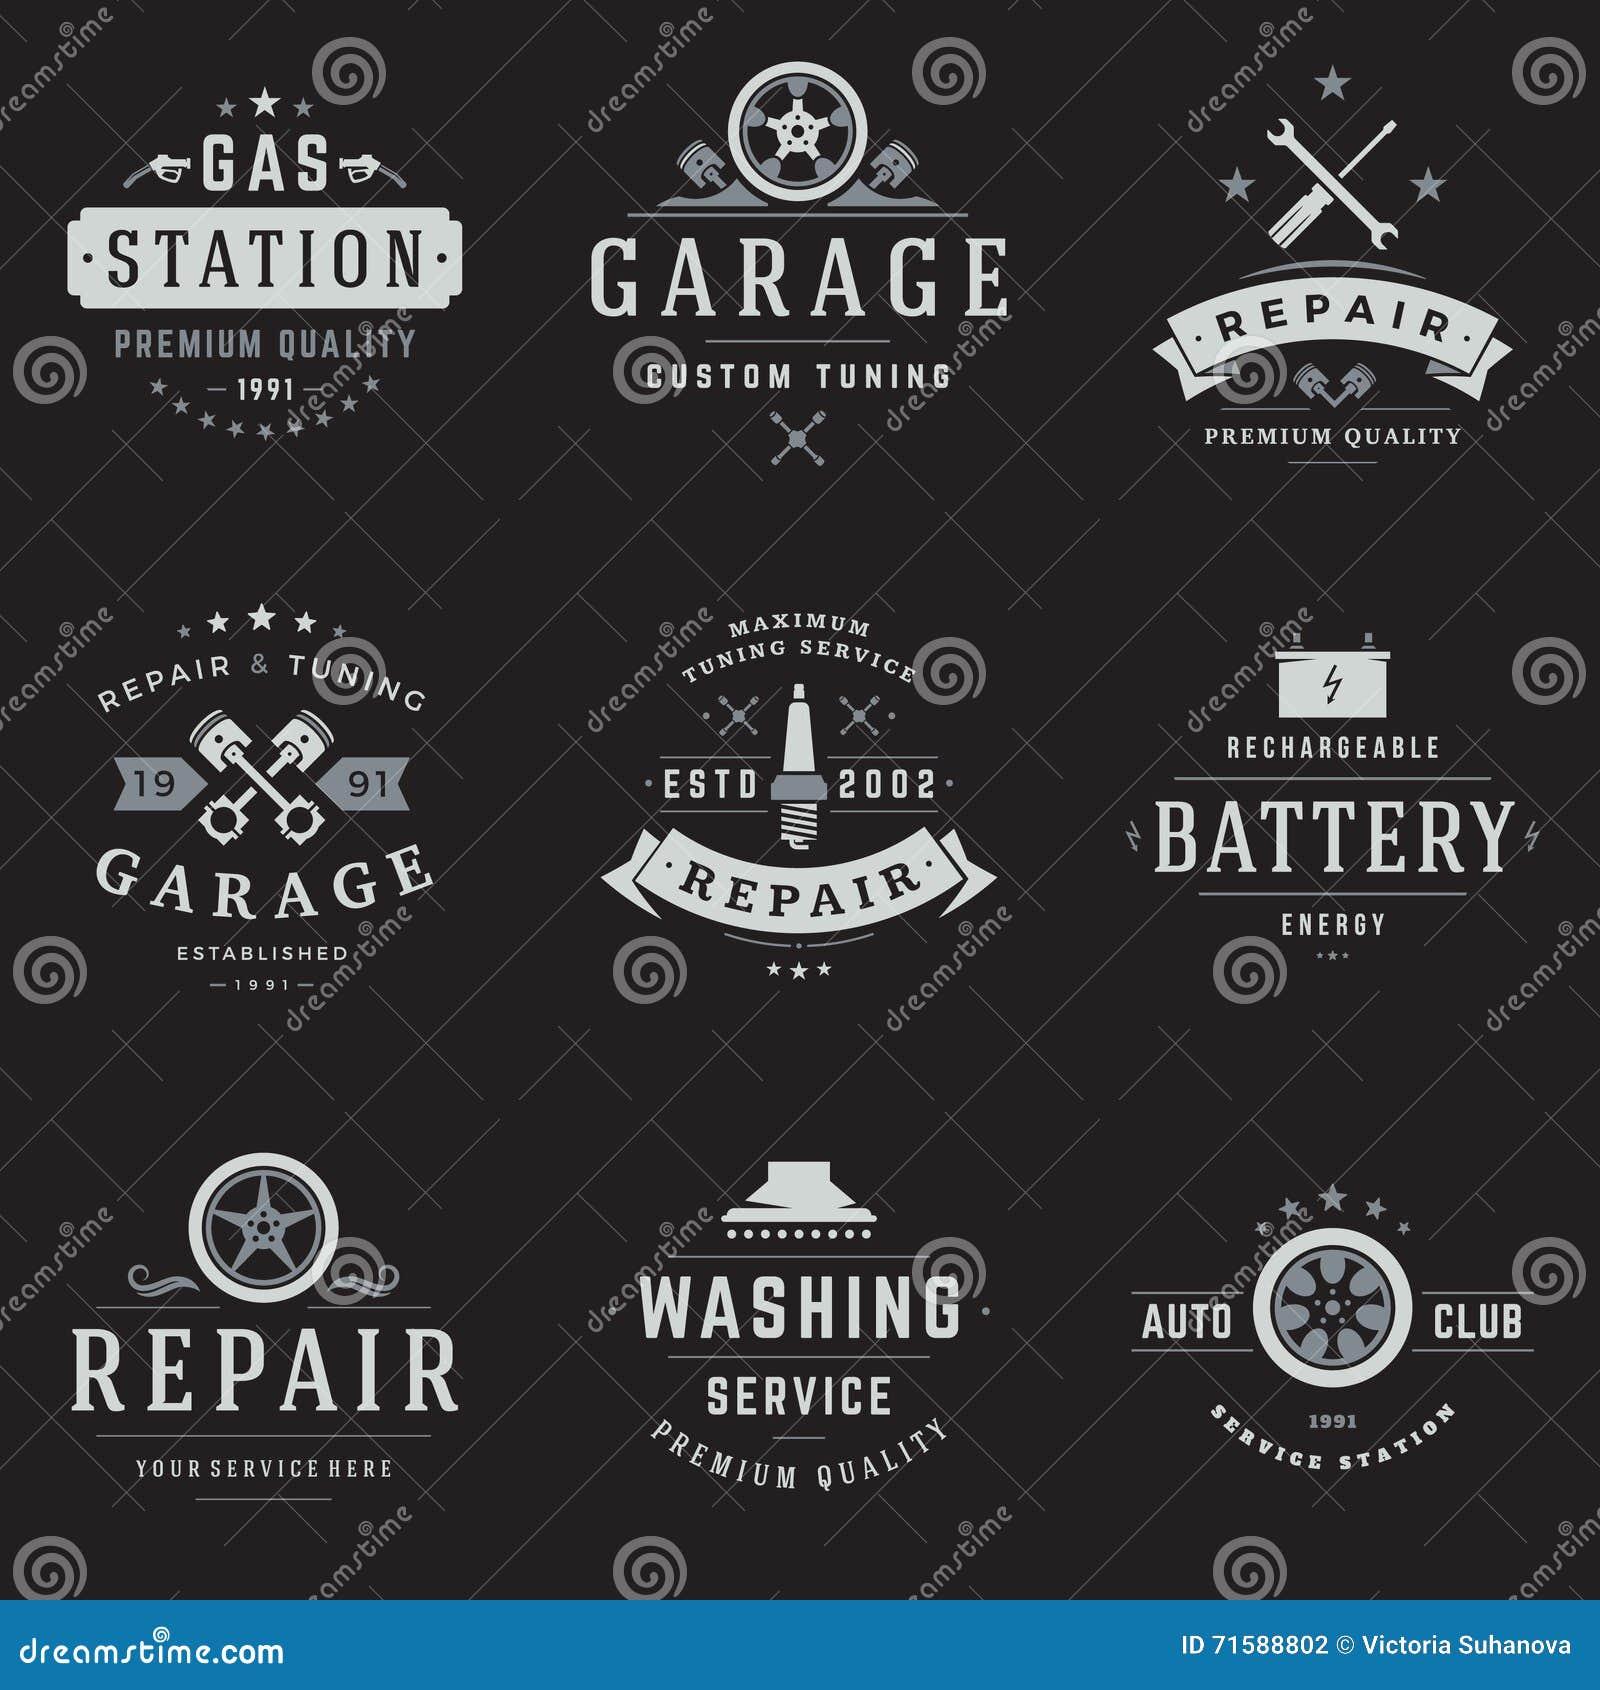 Design car club logo - Car Service Logos Templates Set Stock Vector